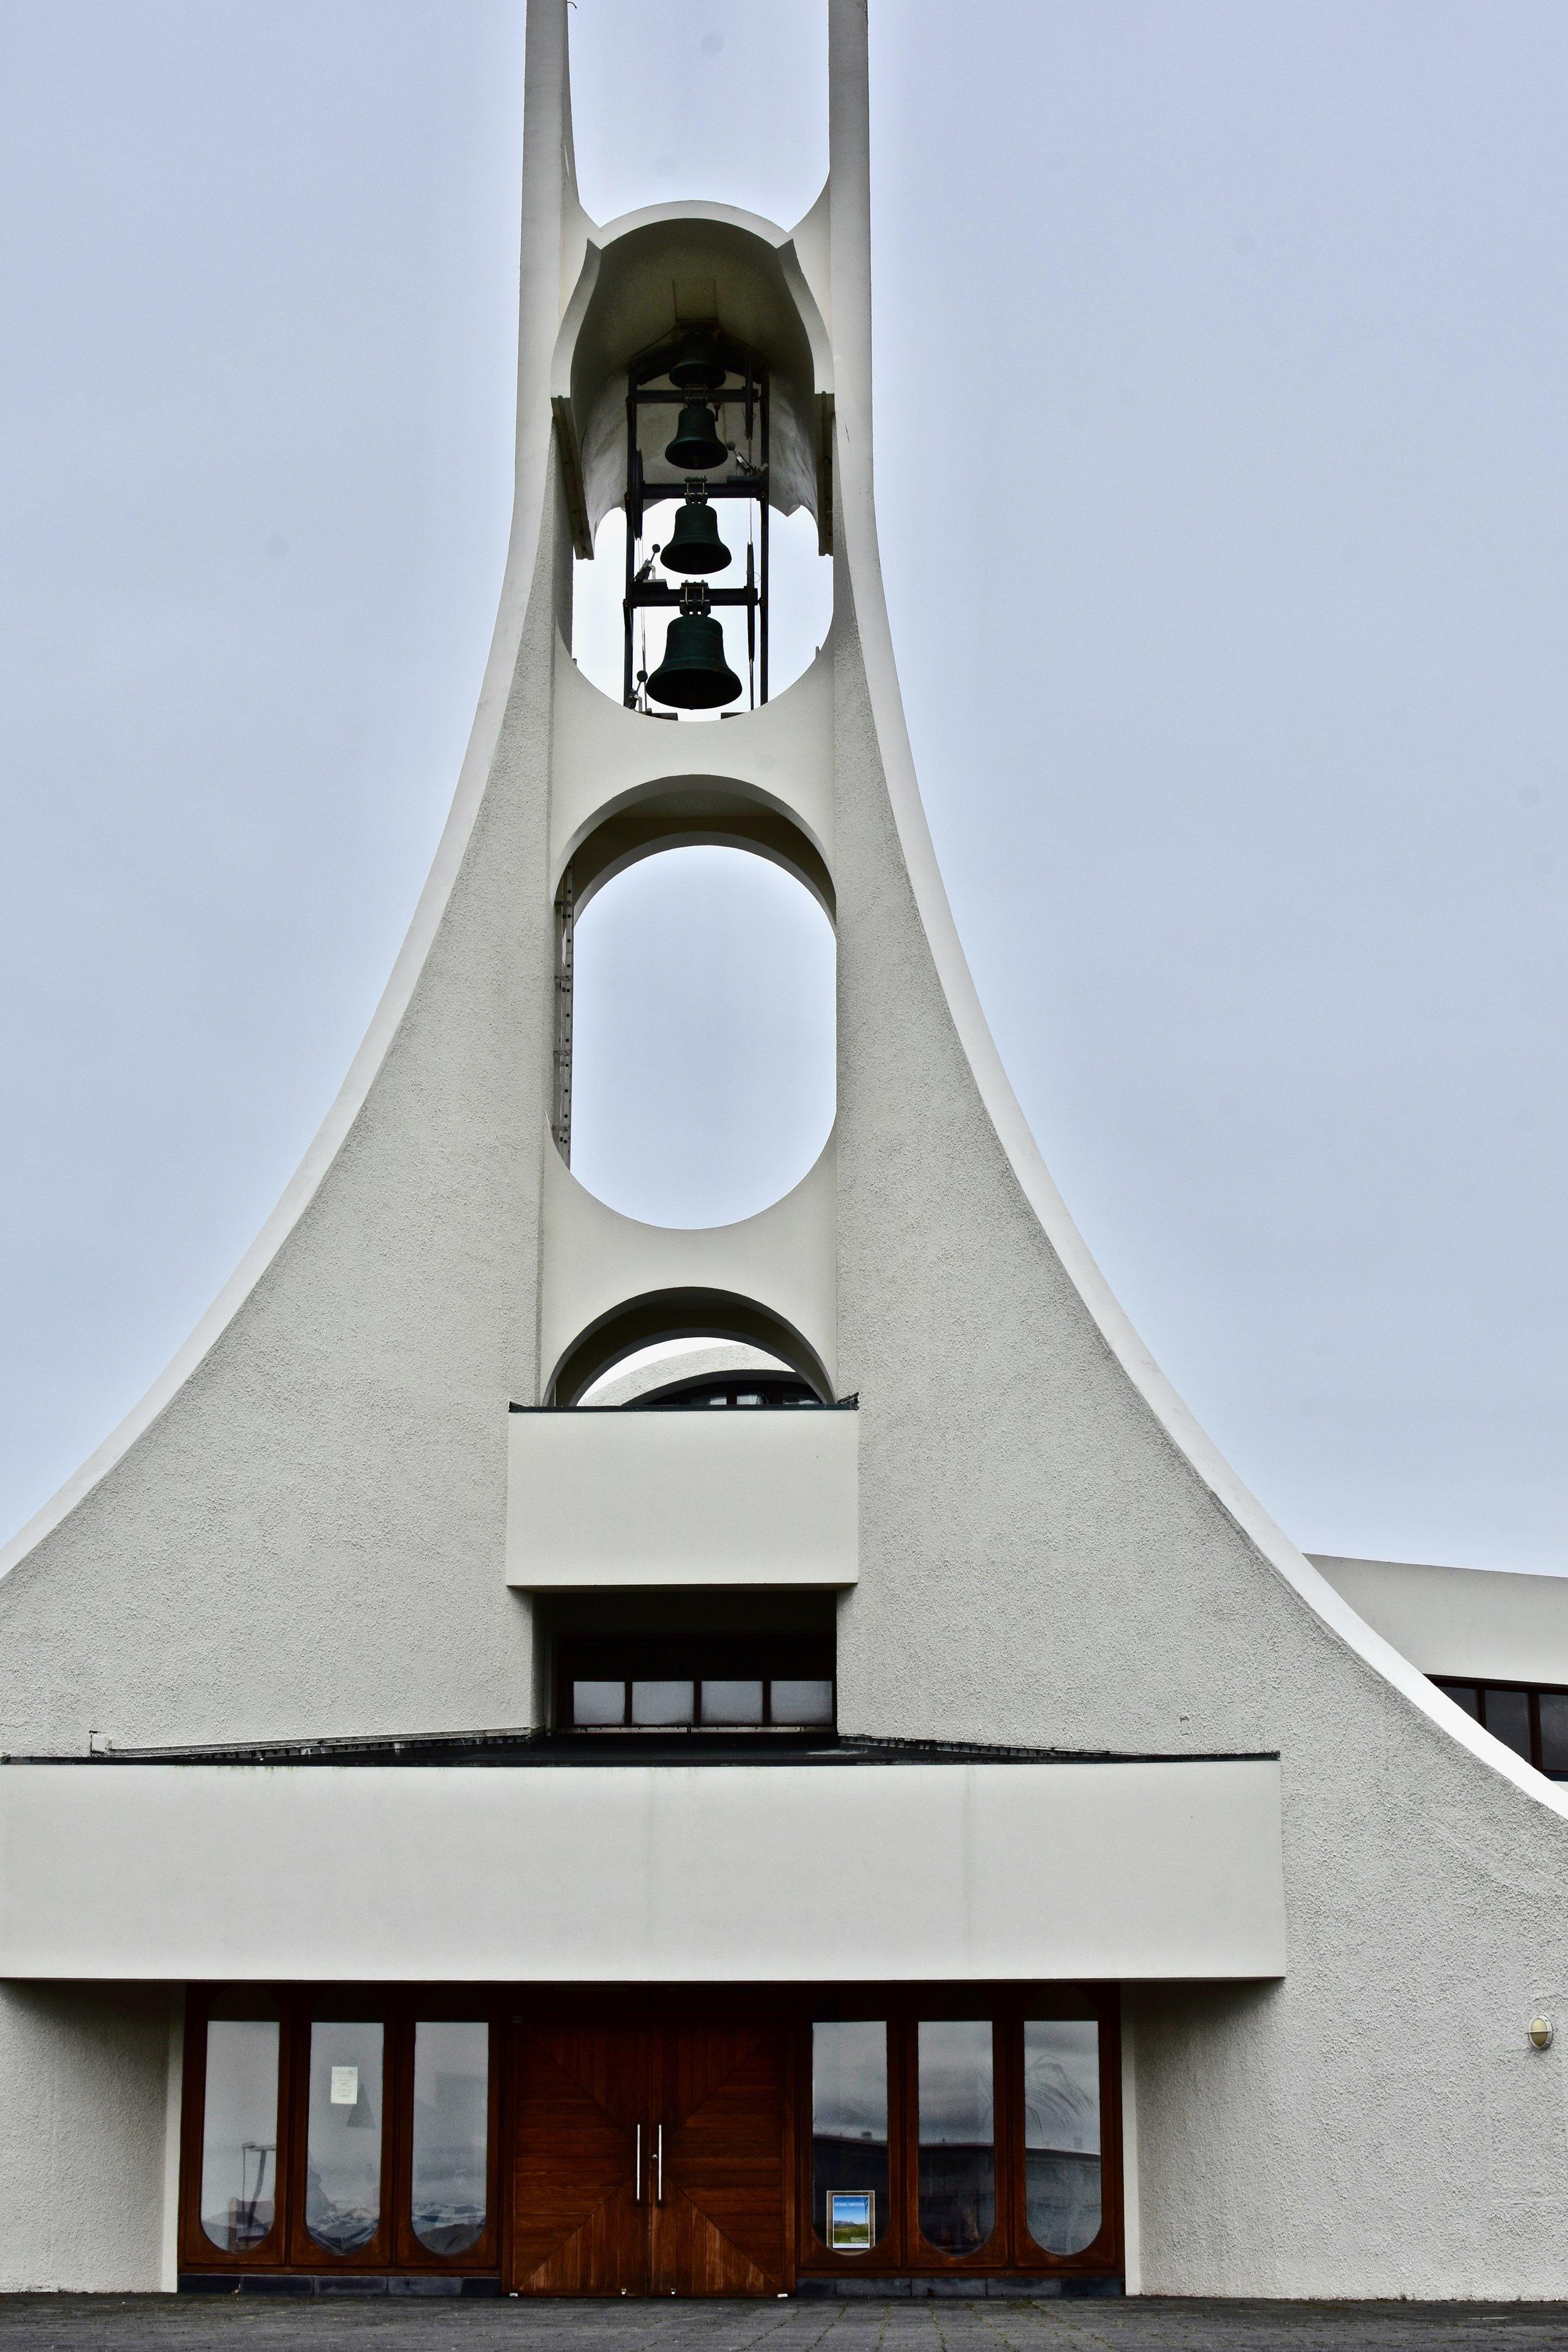 Stykkishólmskirkja in Stykkishólmur, Iceland